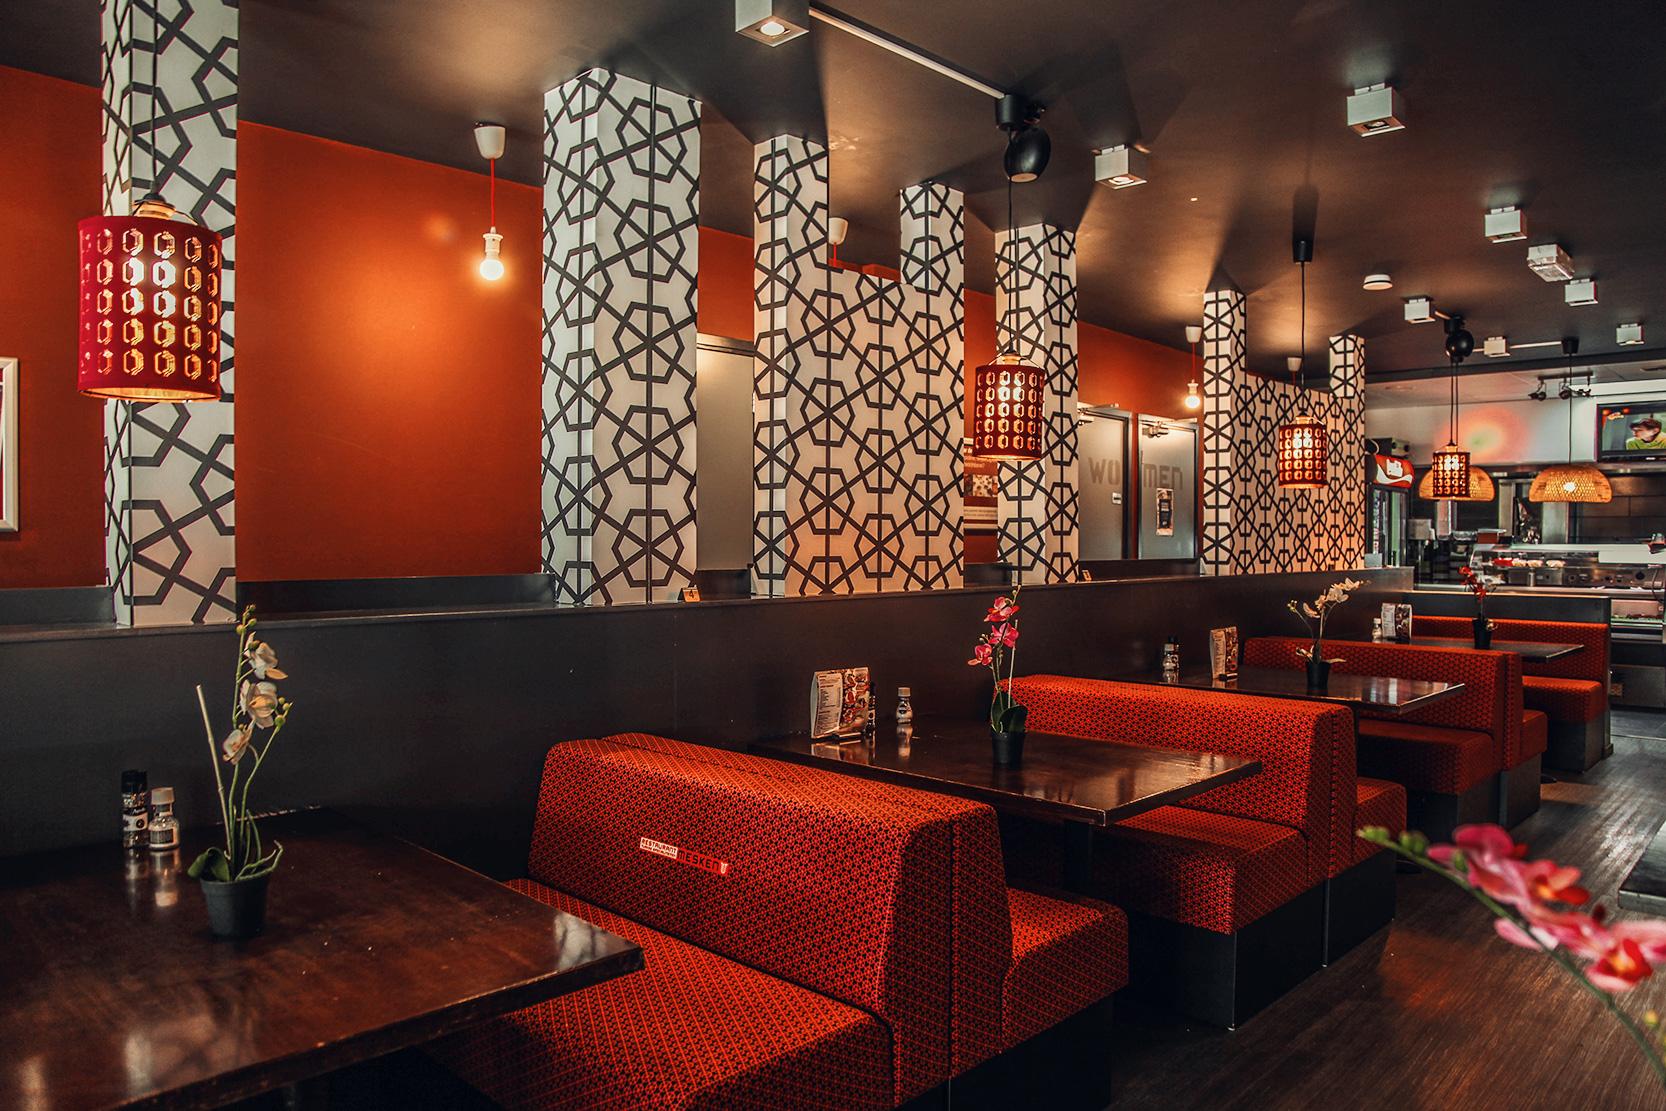 Opzoek naar een turks restaurant in amsterdam for Turkse restaurant amsterdam west